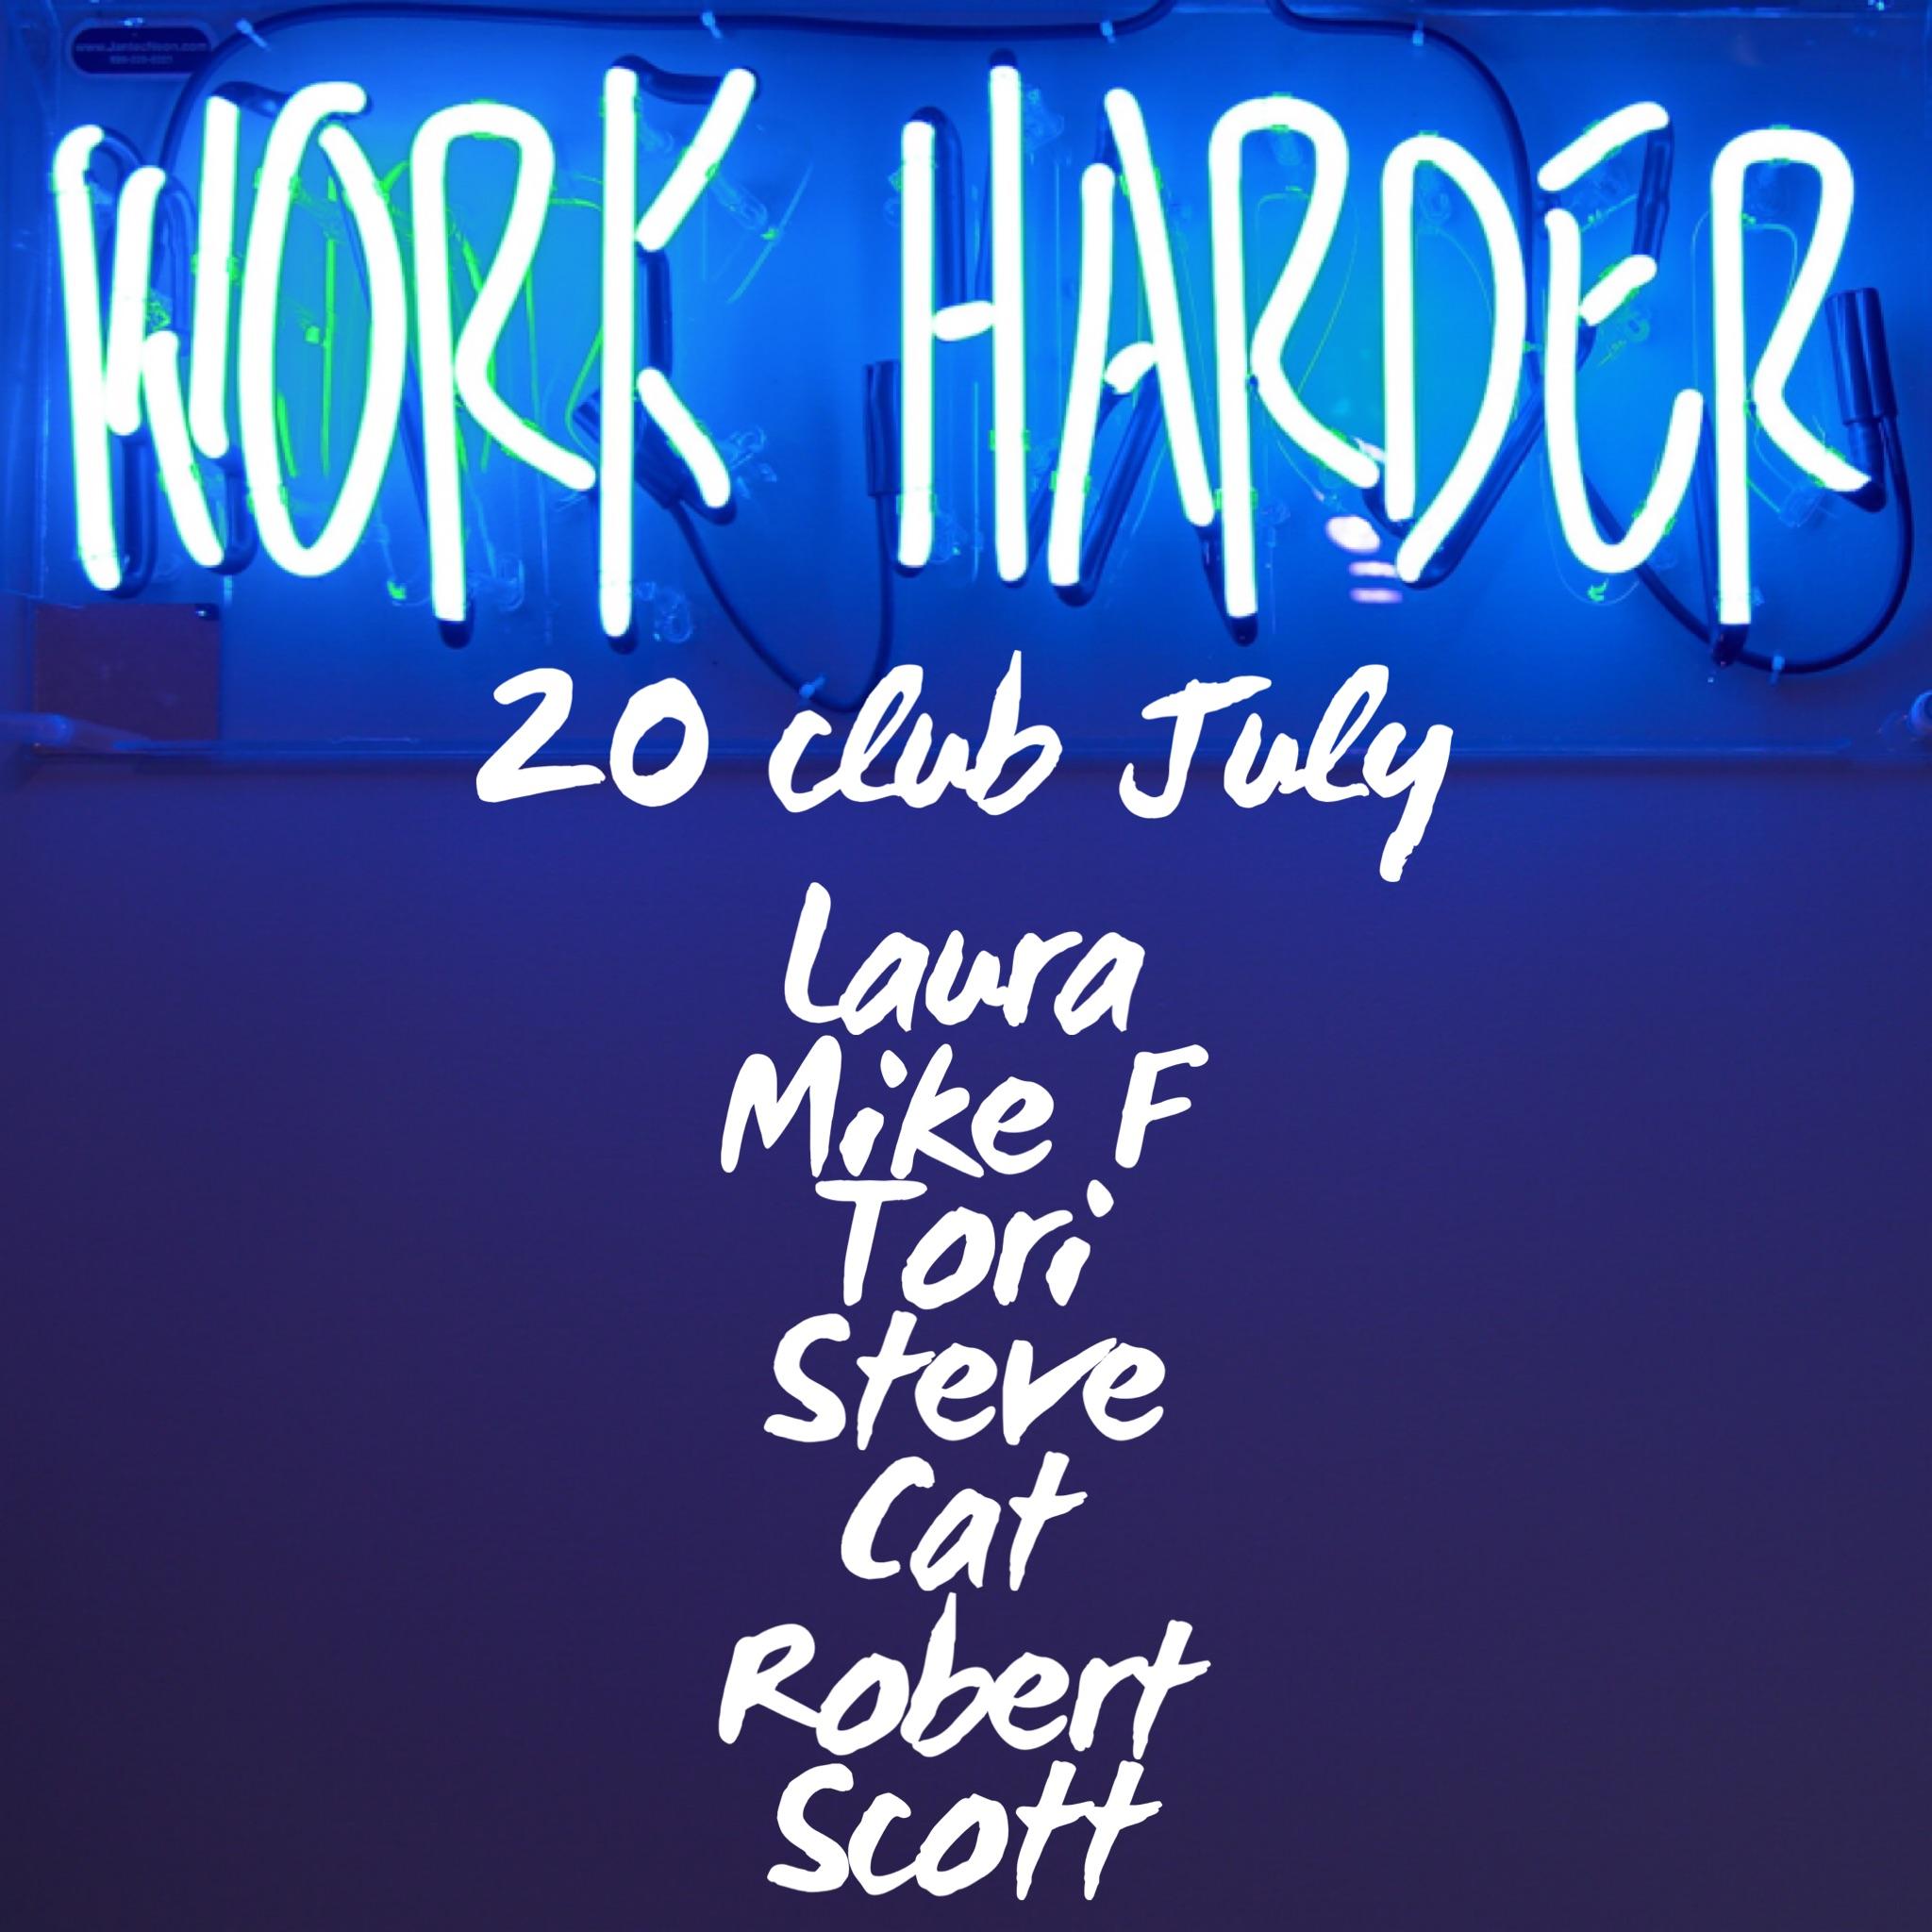 20 Club July